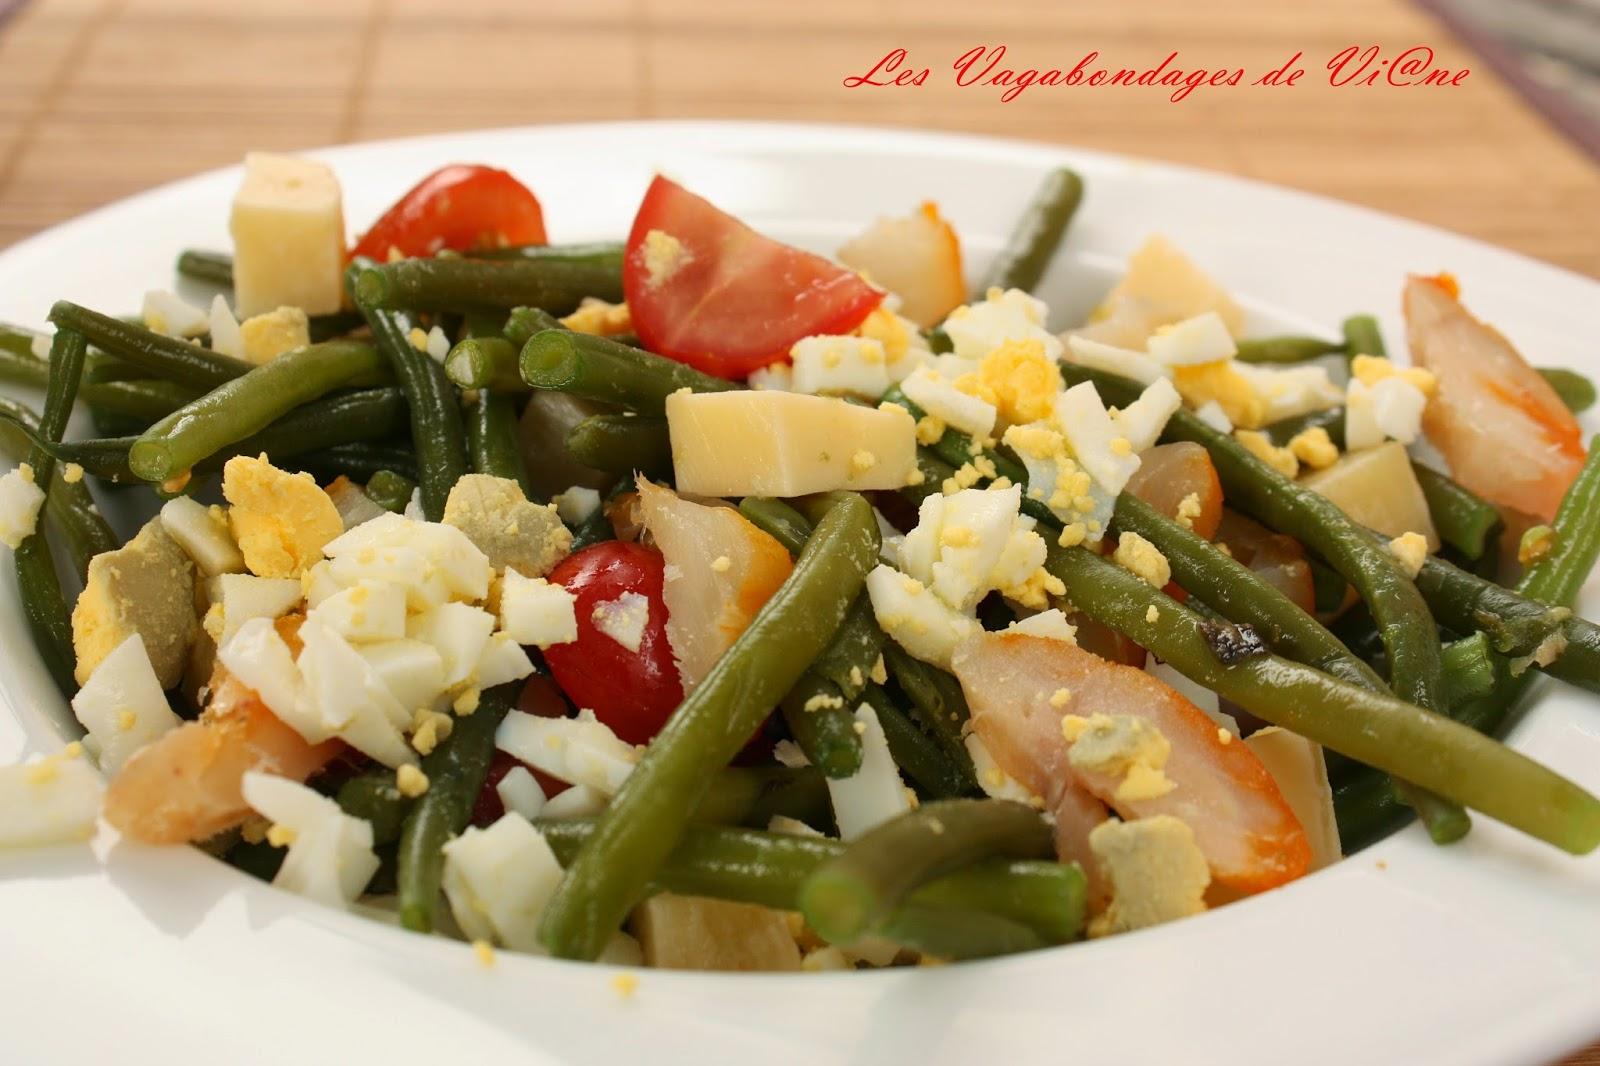 Salade de haricots verts et haddock par les vagabondages - Cuisiner haricots verts surgeles ...